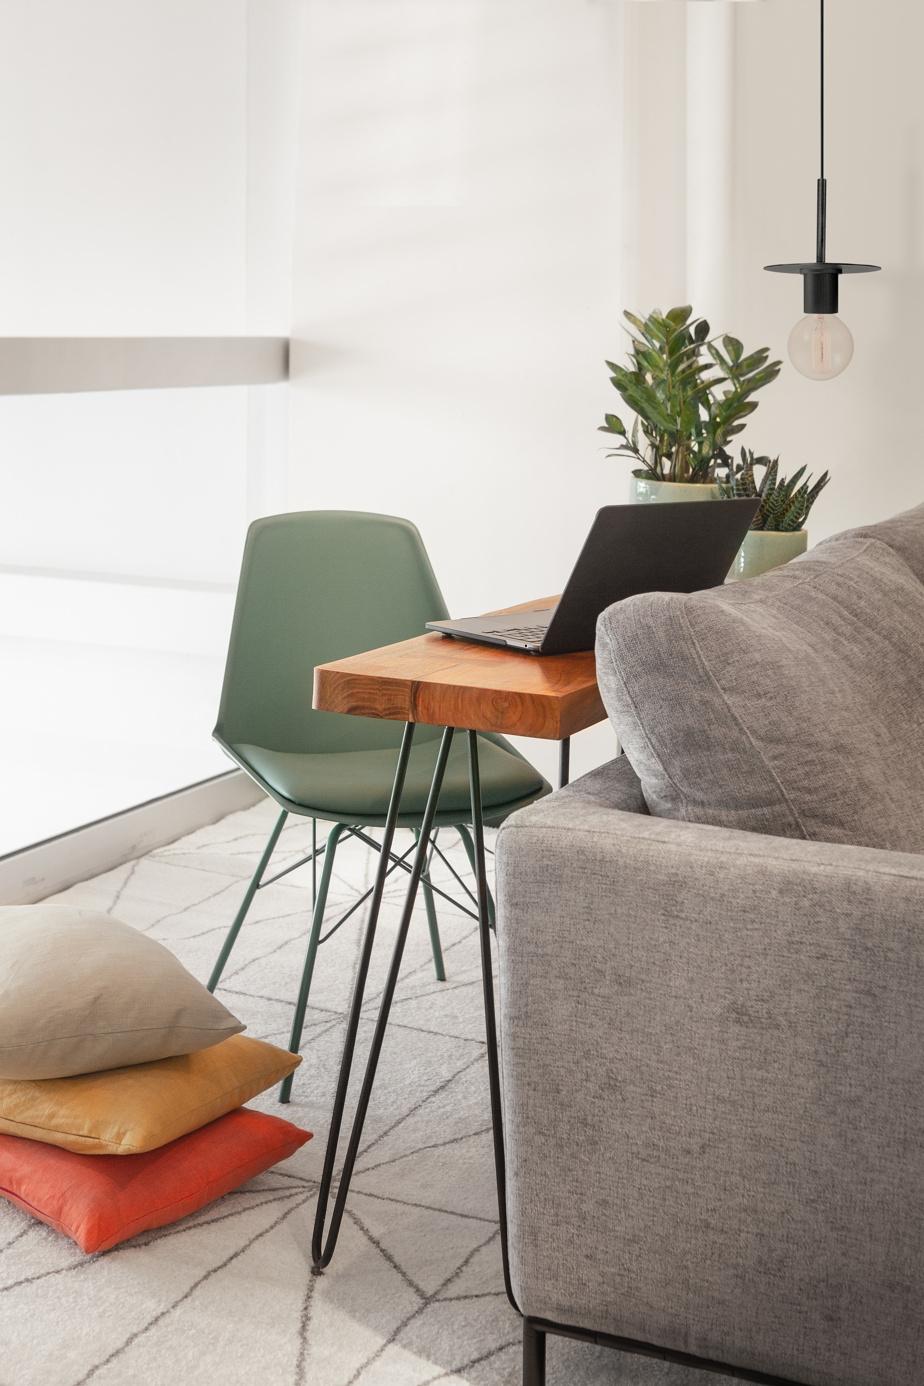 Une console peut être utilisée comme un bureau et peut être installée n'importe où dans la maison, indique Yan-Erik Tessier, de Zone Maison. Elle procure de nombreuses possibilités.